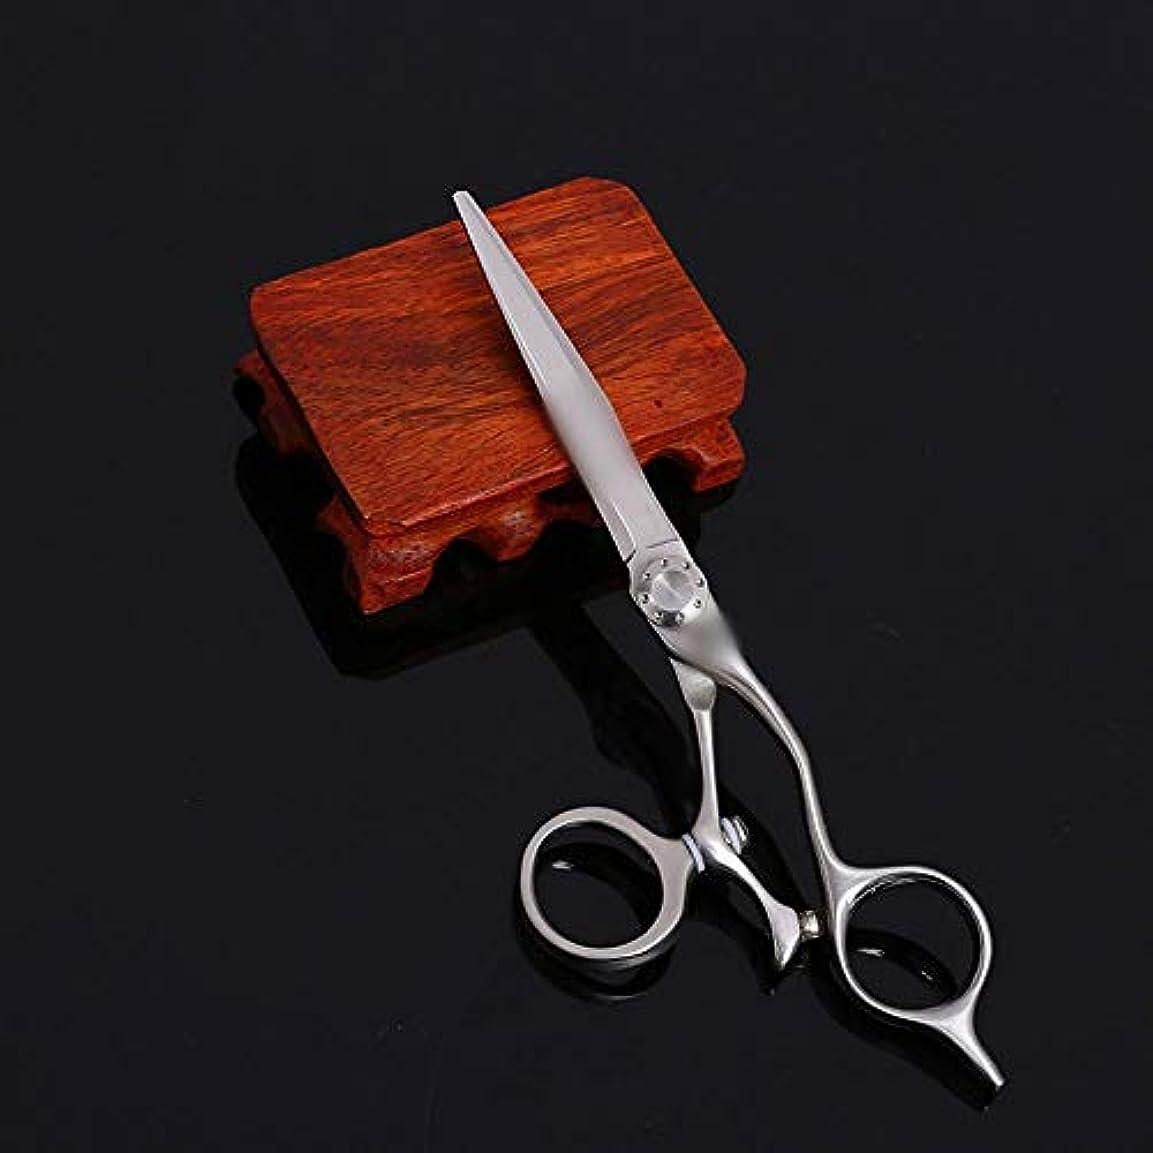 のホストカジュアル感染するHairdressing 6インチプロフェッショナルヘアカットステンレス鋼フラットシザー理髪はさみ髪切断鋏ステンレス理髪はさみ (色 : Silver)